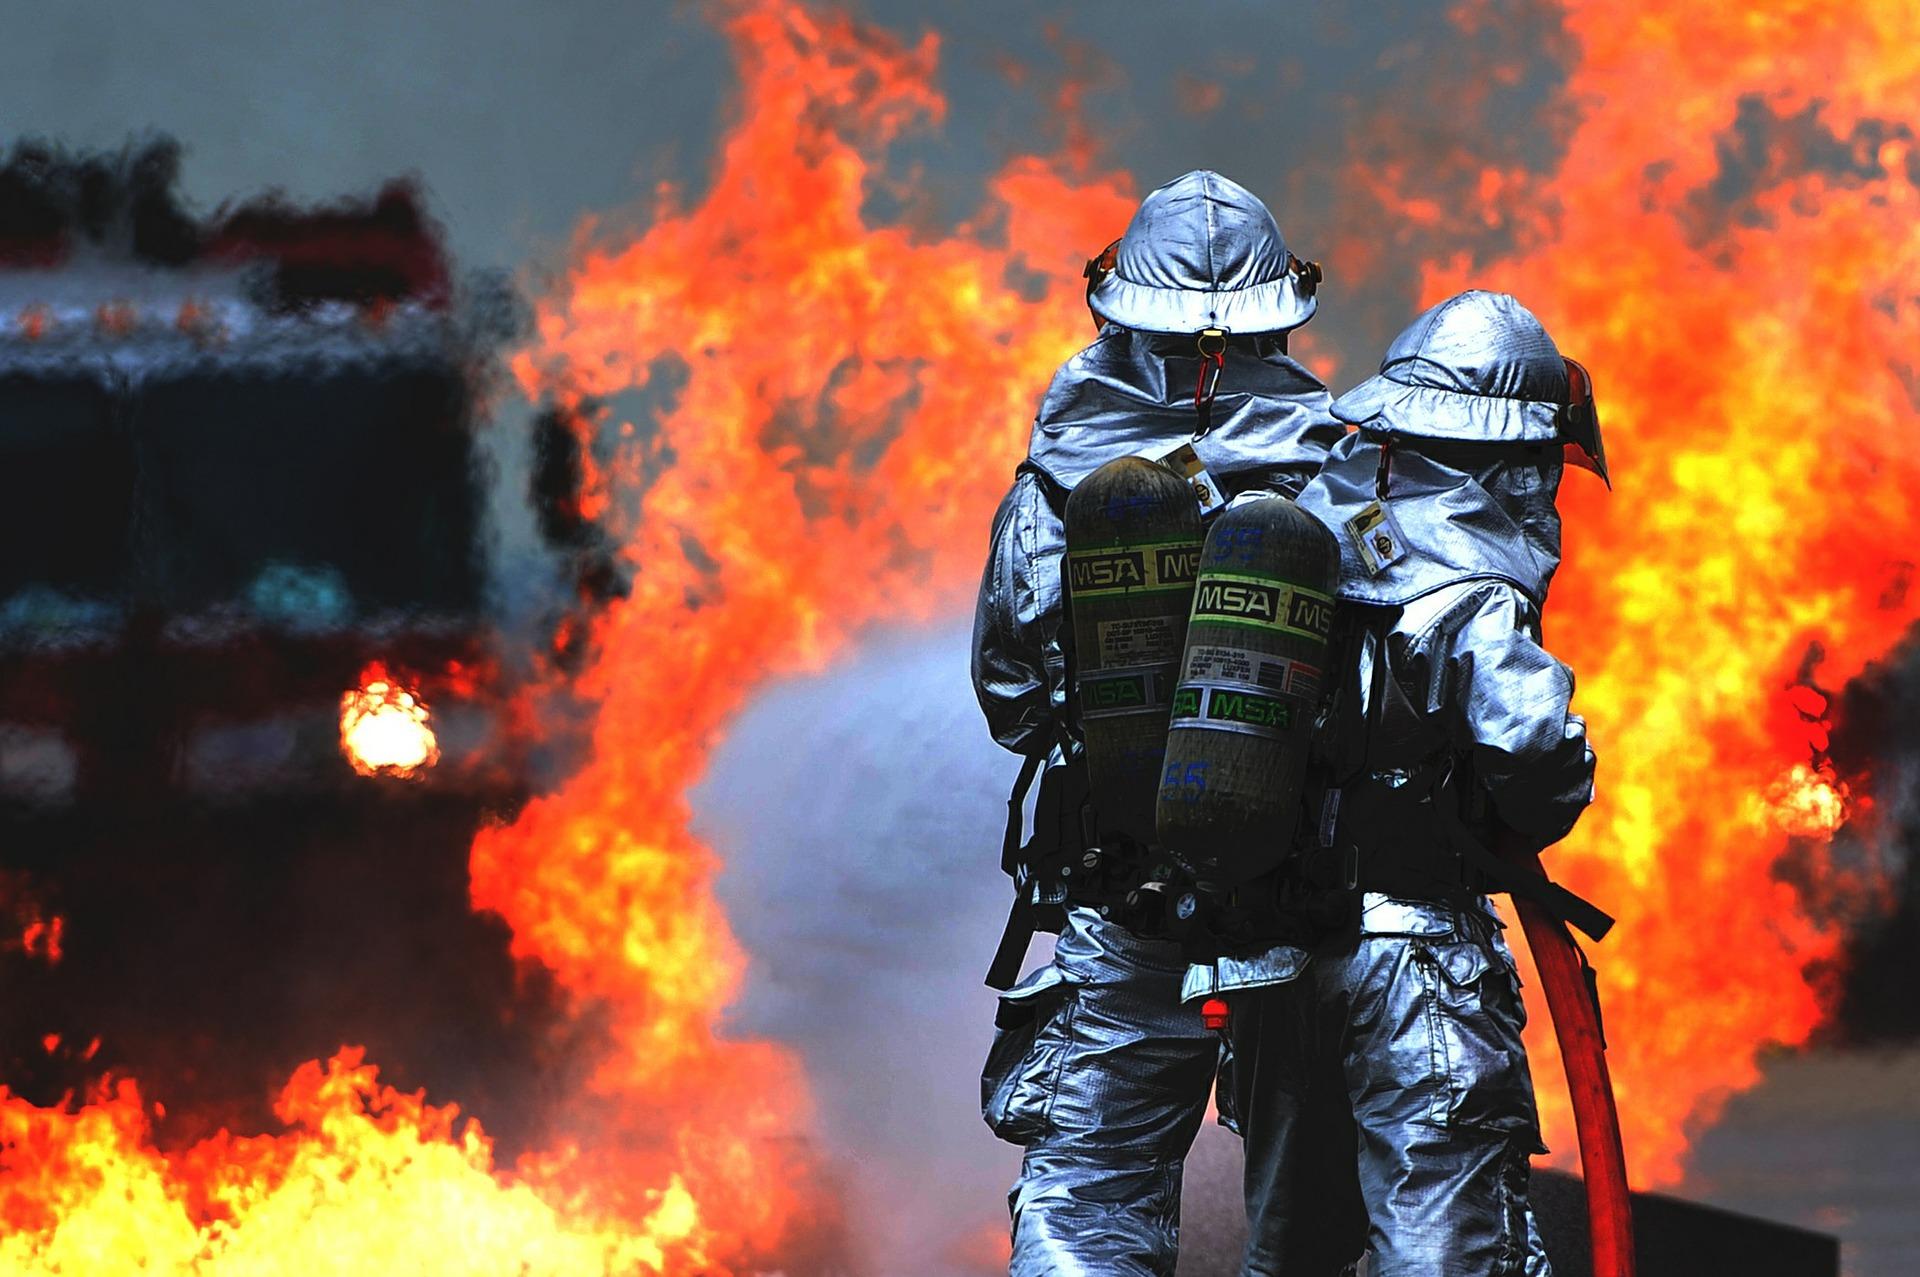 Četrti maj: mednarodni dan gasilcev v spomin na vse preminule gasilce